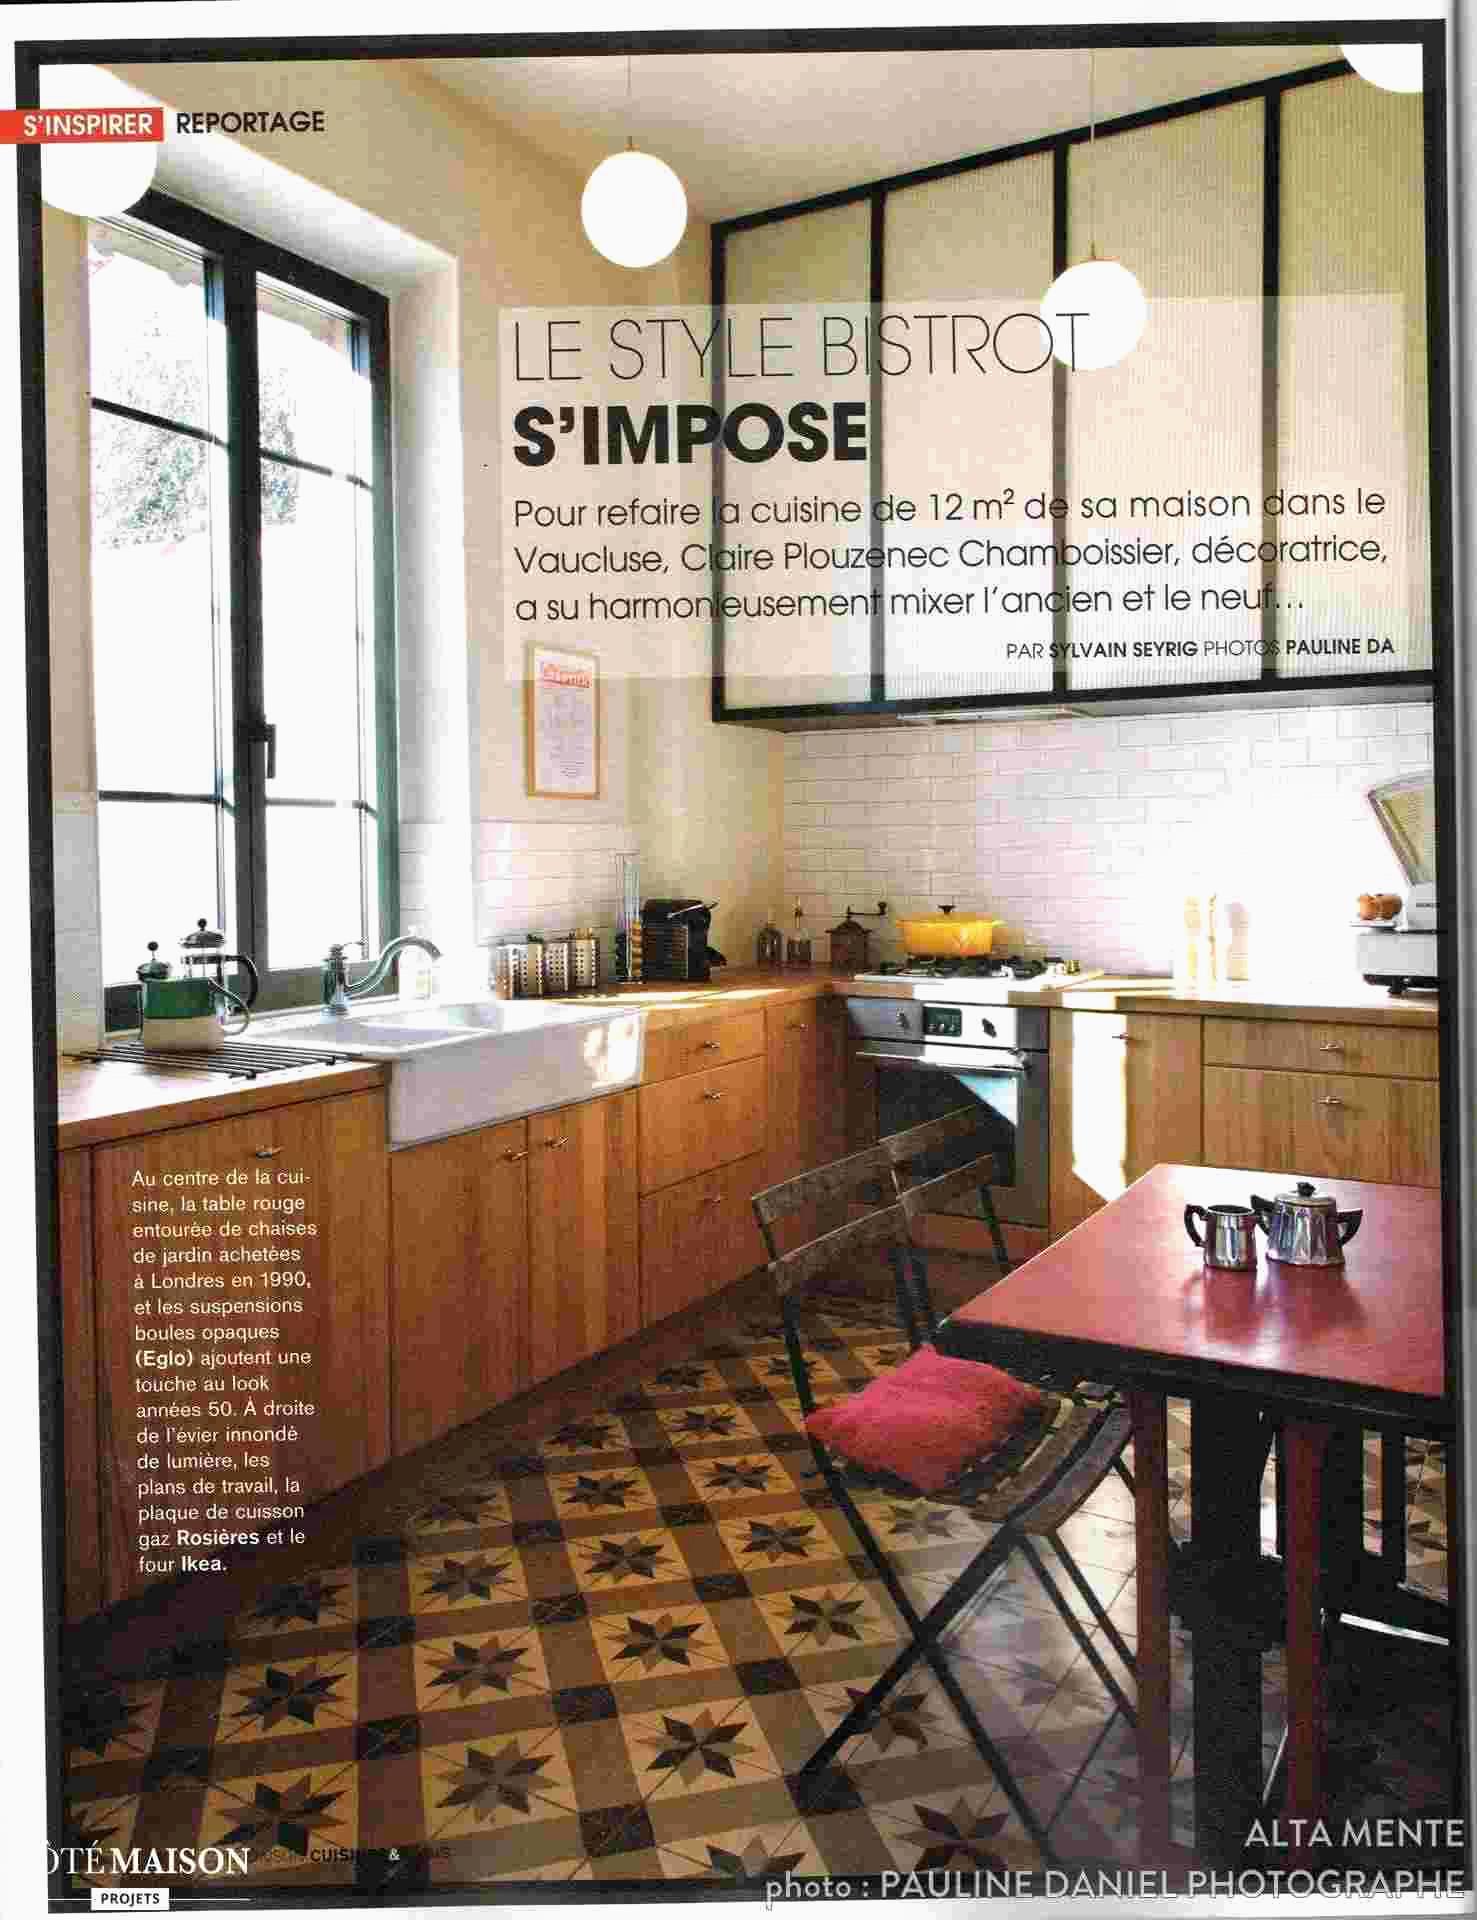 Ancien Meuble Cuisine Ikea abri de jardin ikea Élégant exceptionnel cuisine bistrot